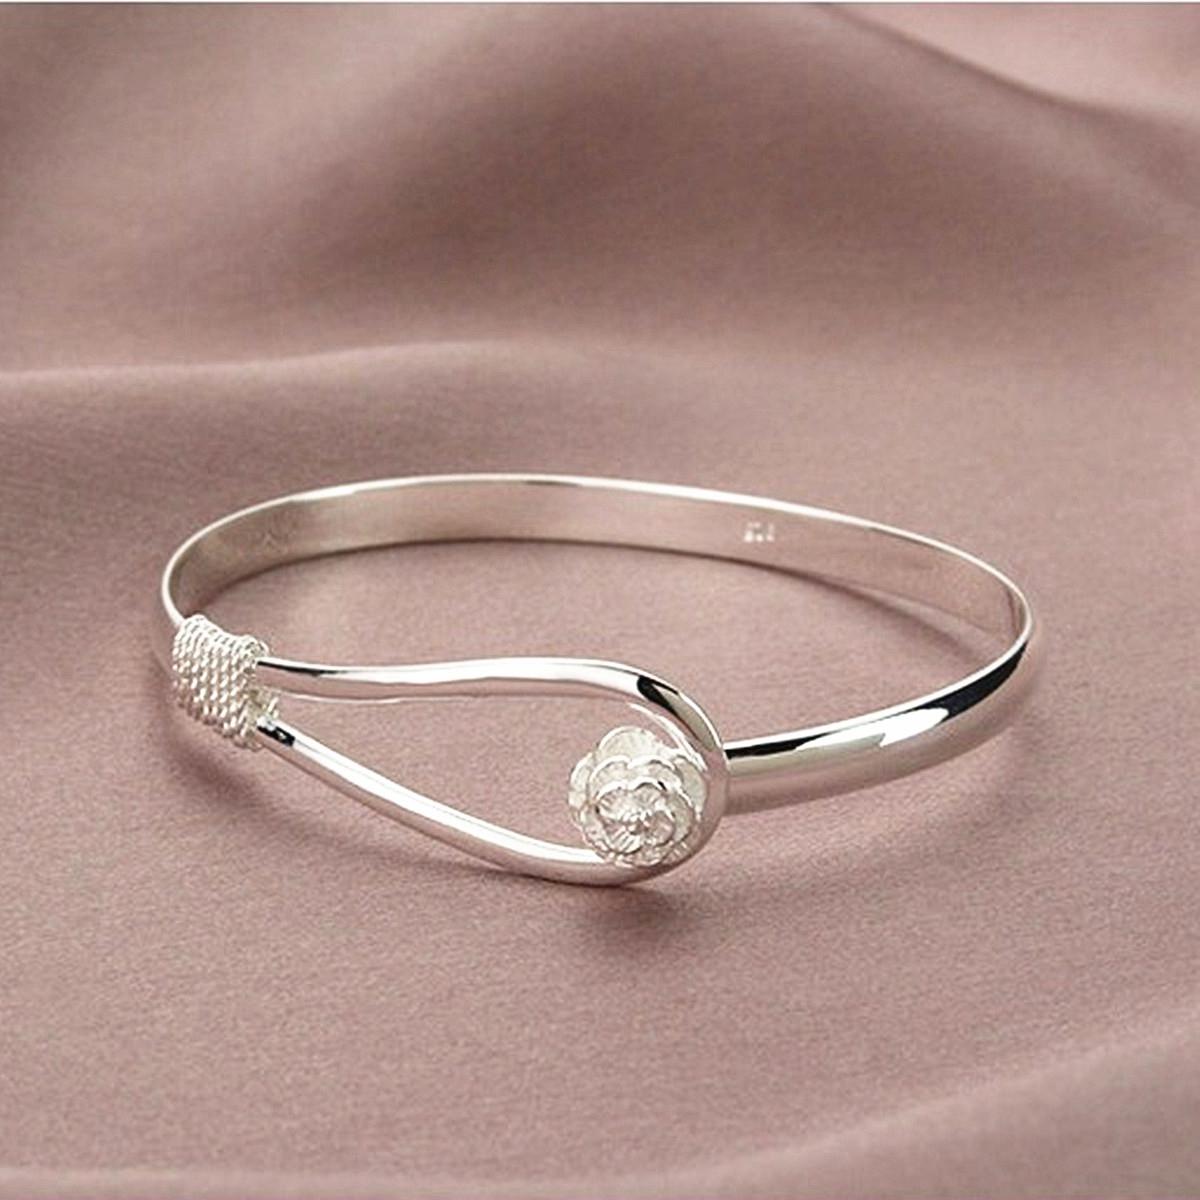 bracelet gourmette poignet bangle argent coeur manchette bijoux cadeau femme ebay. Black Bedroom Furniture Sets. Home Design Ideas